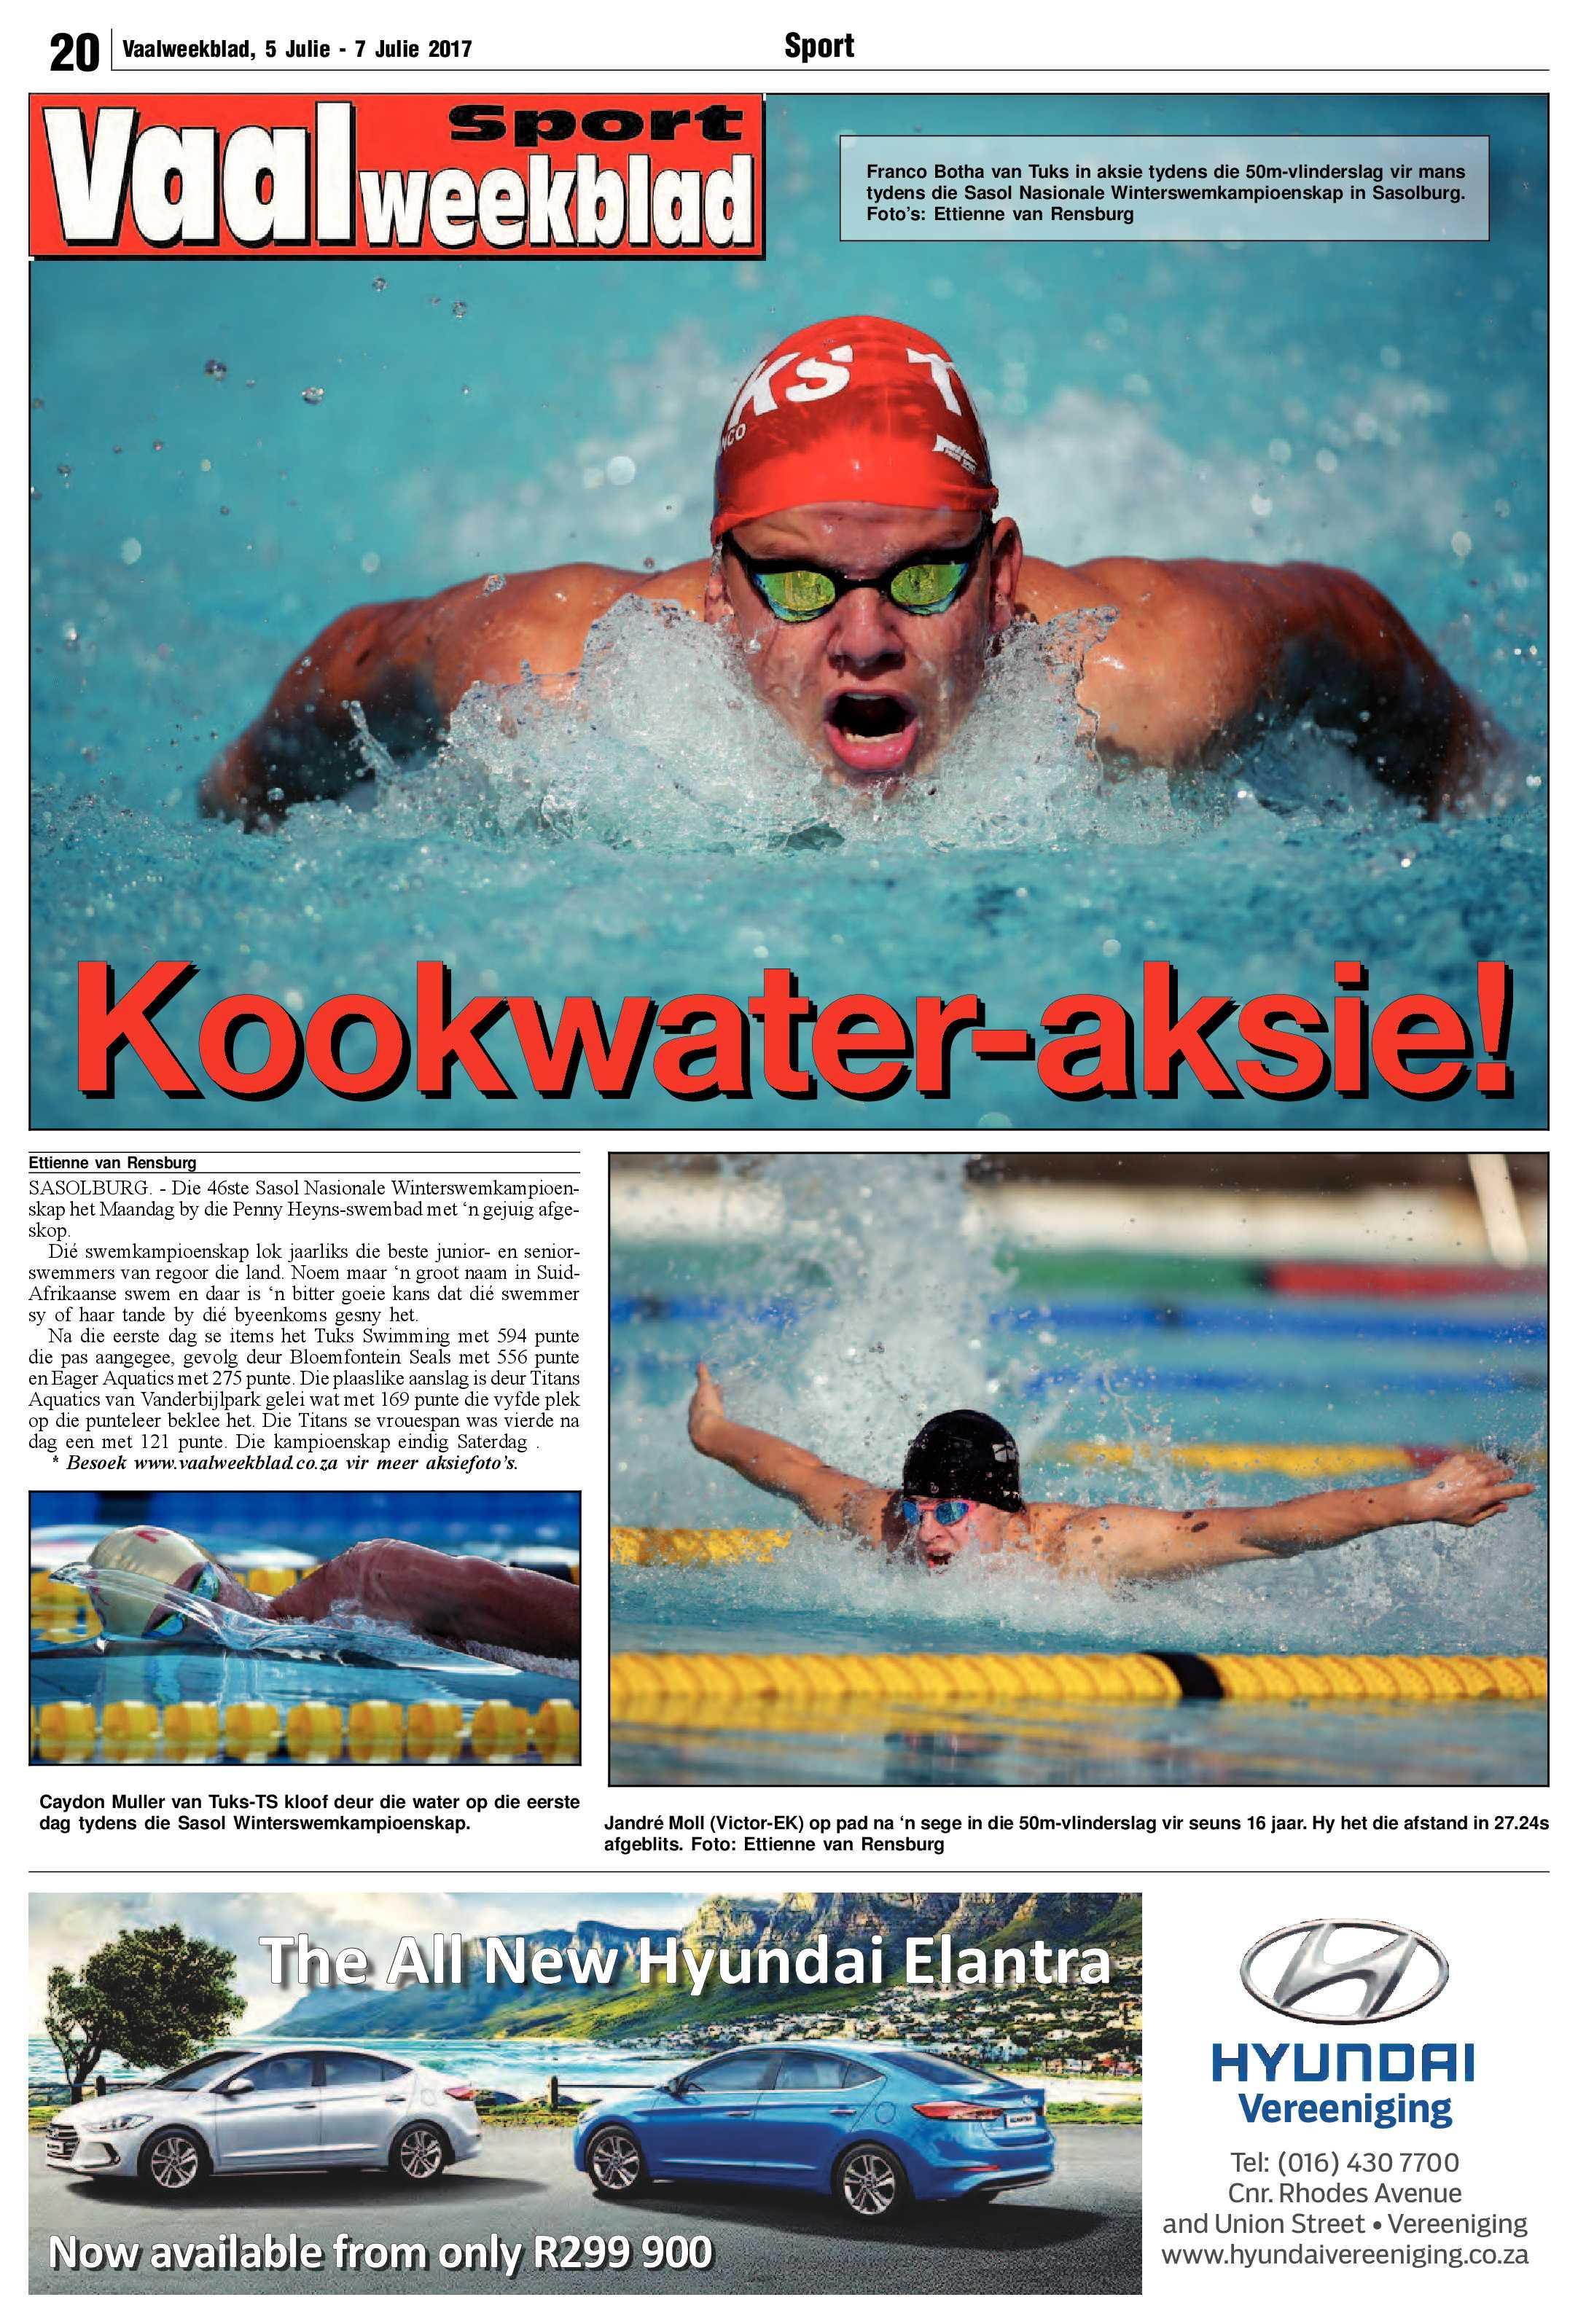 vaalweekblad-5-7-julie-2017-epapers-page-20